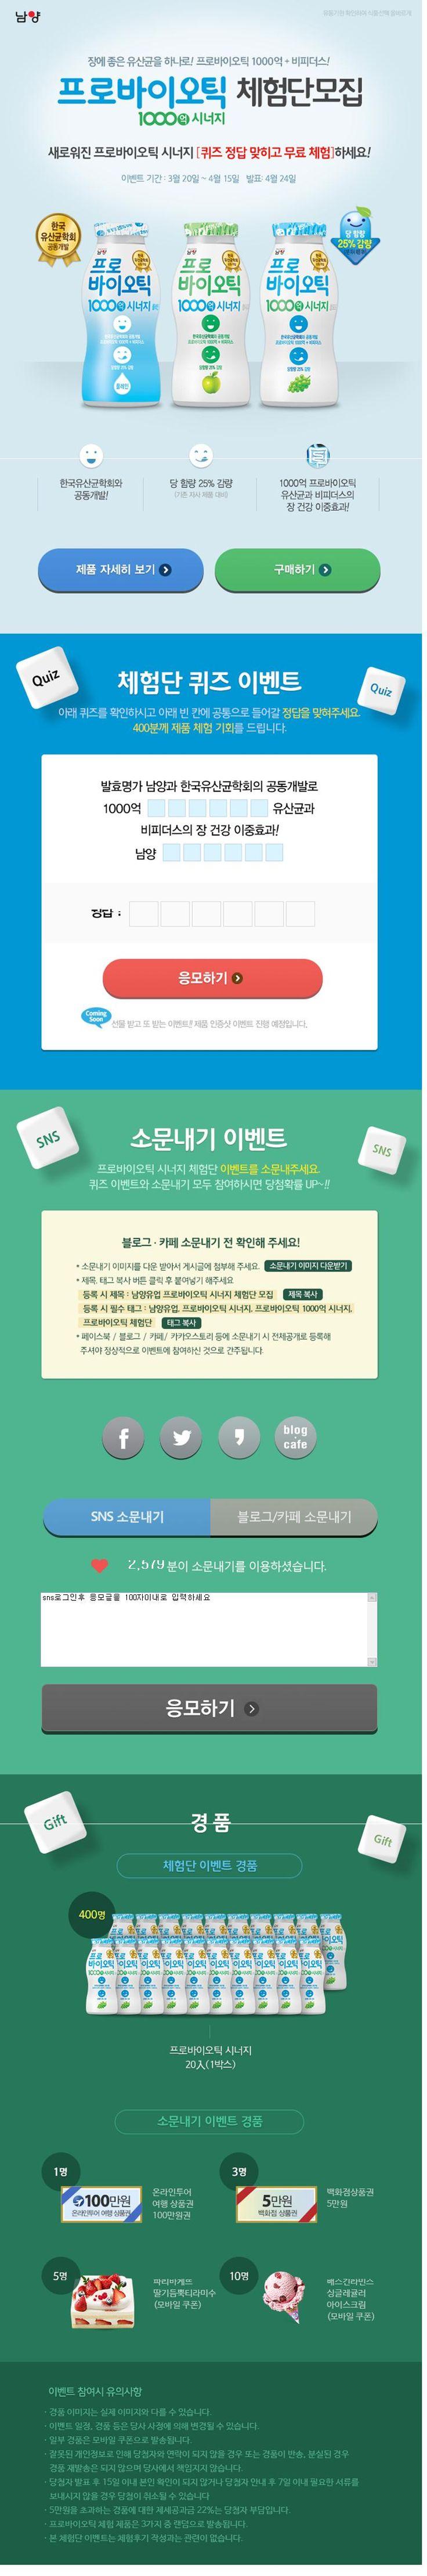 [남양아이] 프로바이오틱 시너지체험단모집 이벤트 http://www.namyangi.com/event/event_list/201503/e_150318.asp